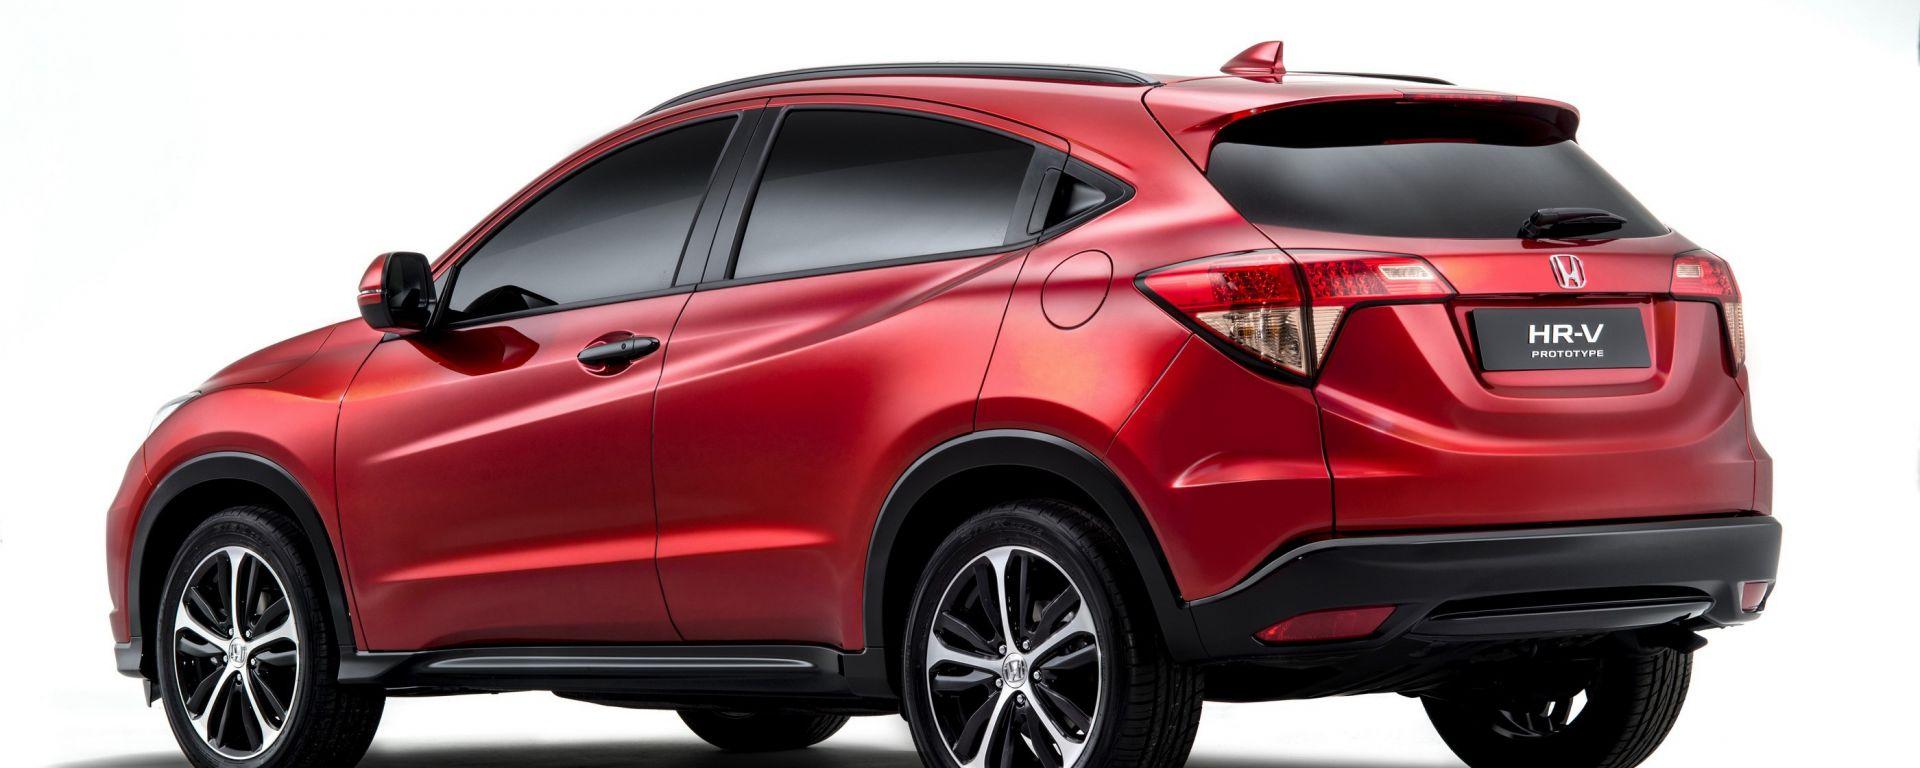 H R Auto >> Novita Auto Honda Hr V Prototype Motorbox